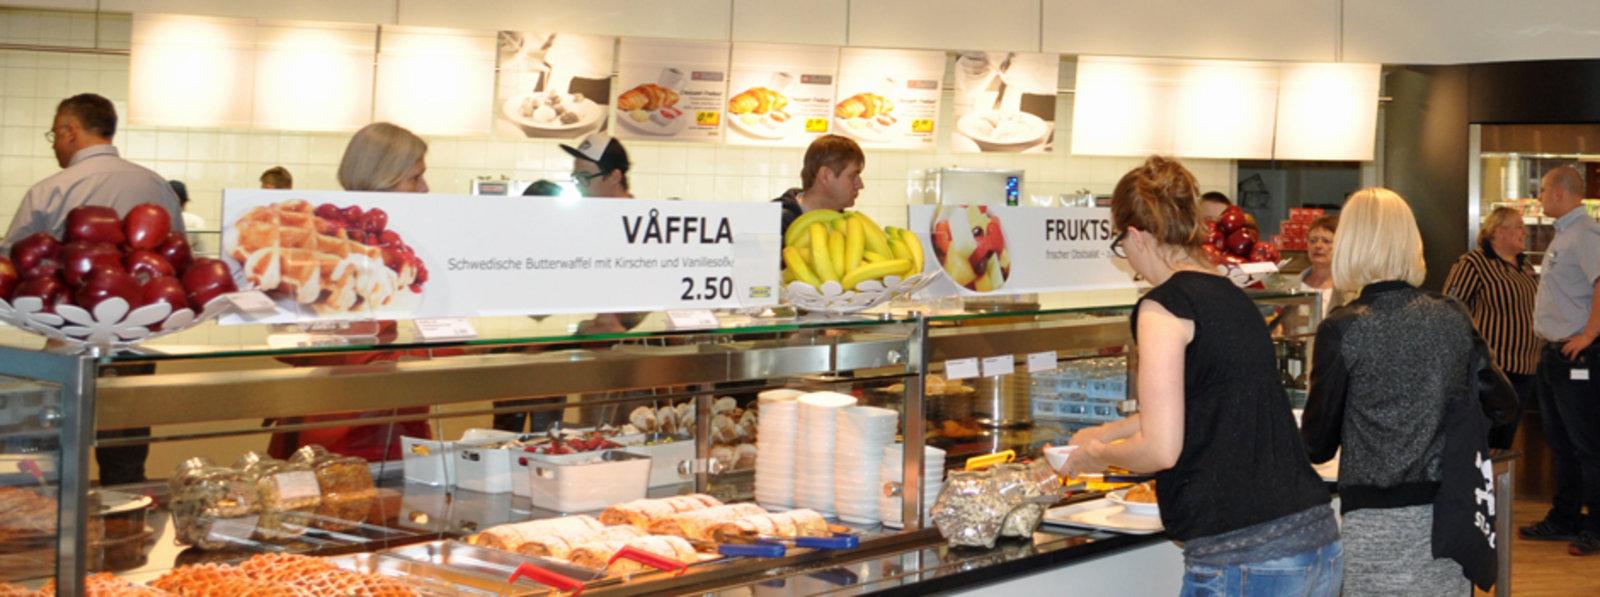 Full Size of Single Küchen Ikea Lieber Deko Als Kche Kmpft Um Umsatz Hamburg Altona Singleküche Miniküche Mit E Geräten Küche Kaufen Kosten Betten 160x200 Sofa Wohnzimmer Single Küchen Ikea